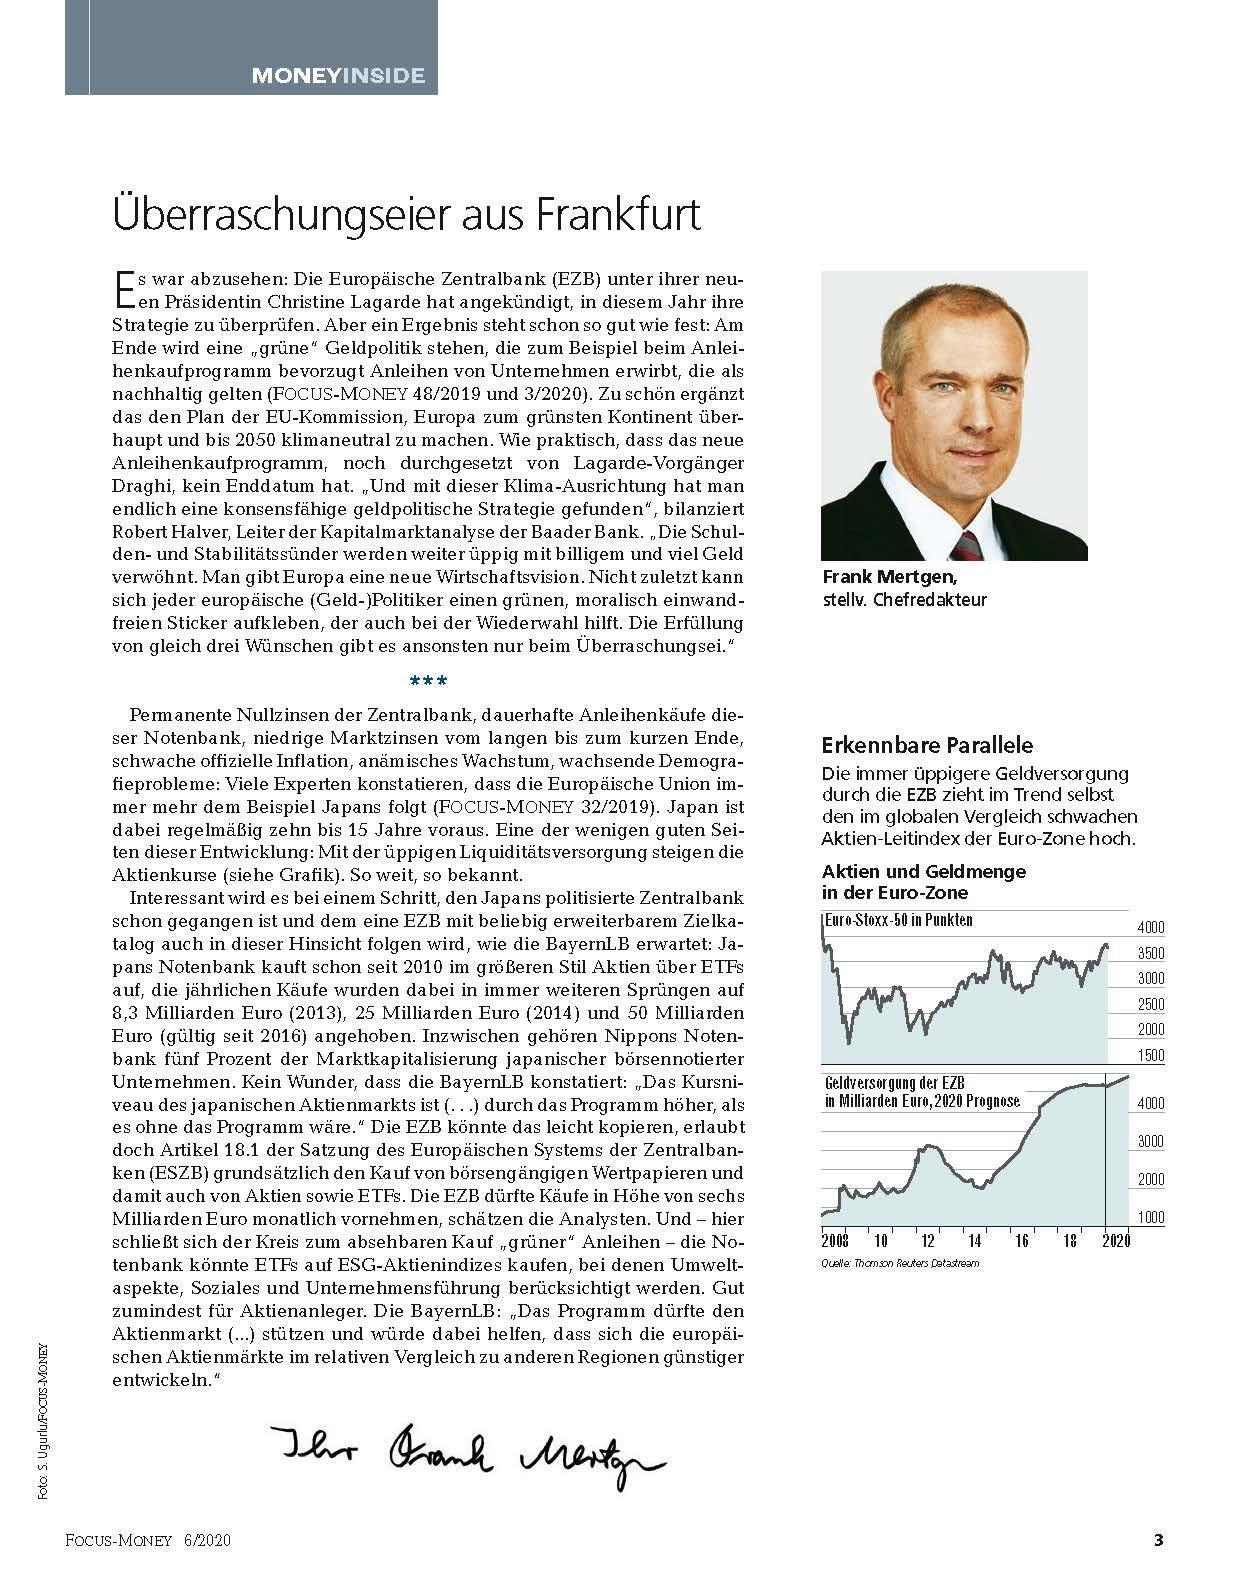 FOCUS-MONEY FOCUS MONEY– Gewinne extrem: keine Aktien unter 50% Kurspotenzial